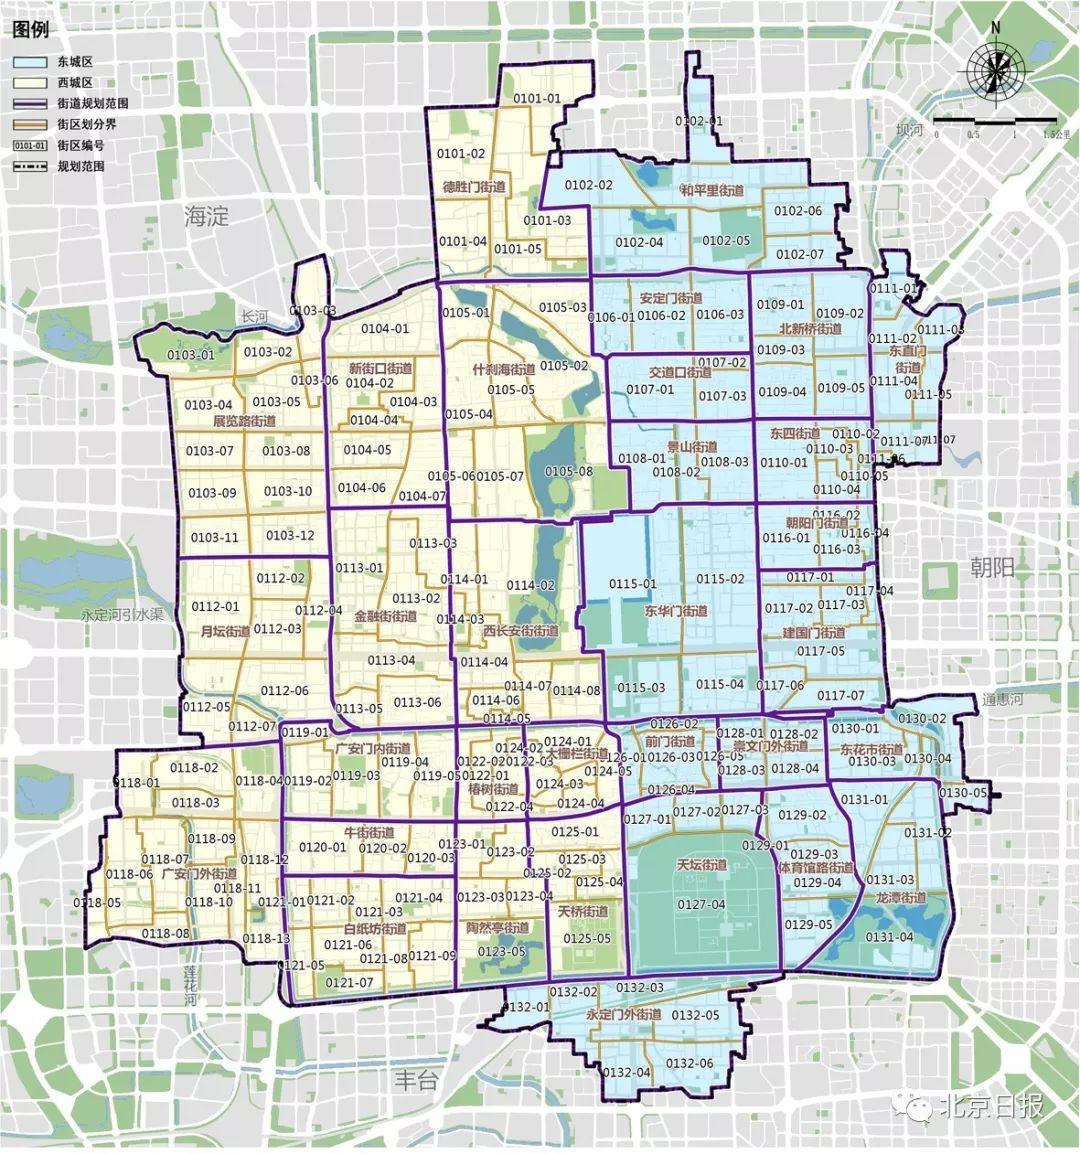 图4 街道街区划分示意图。